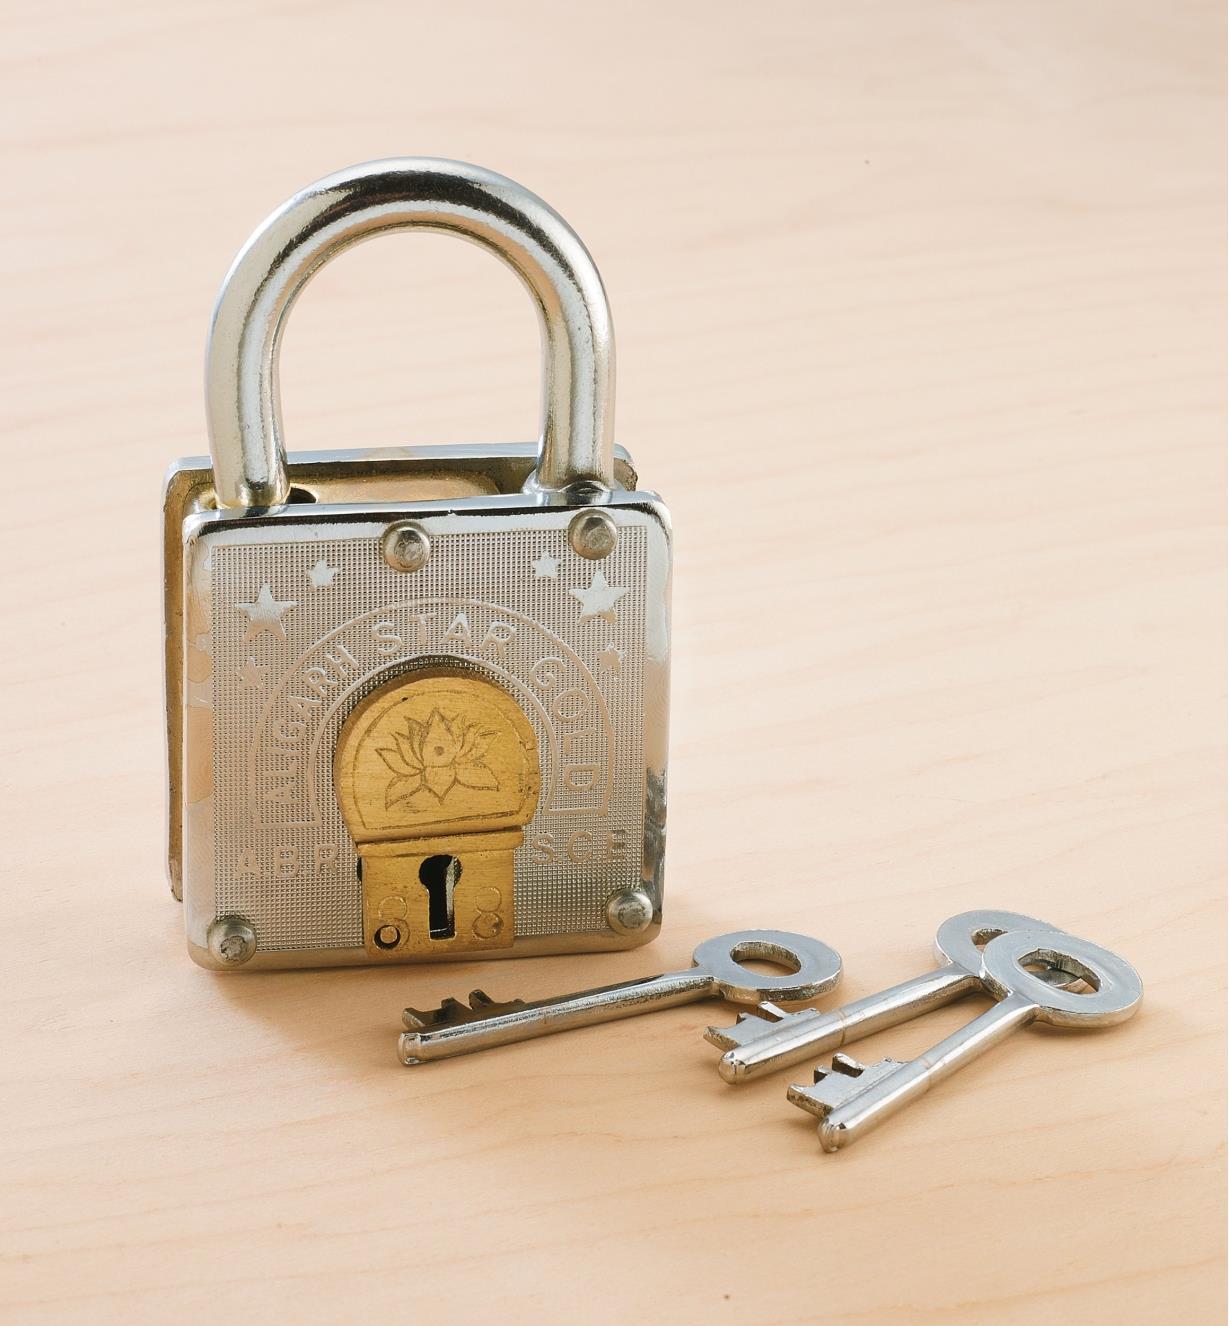 00F3002 - Trick Lock